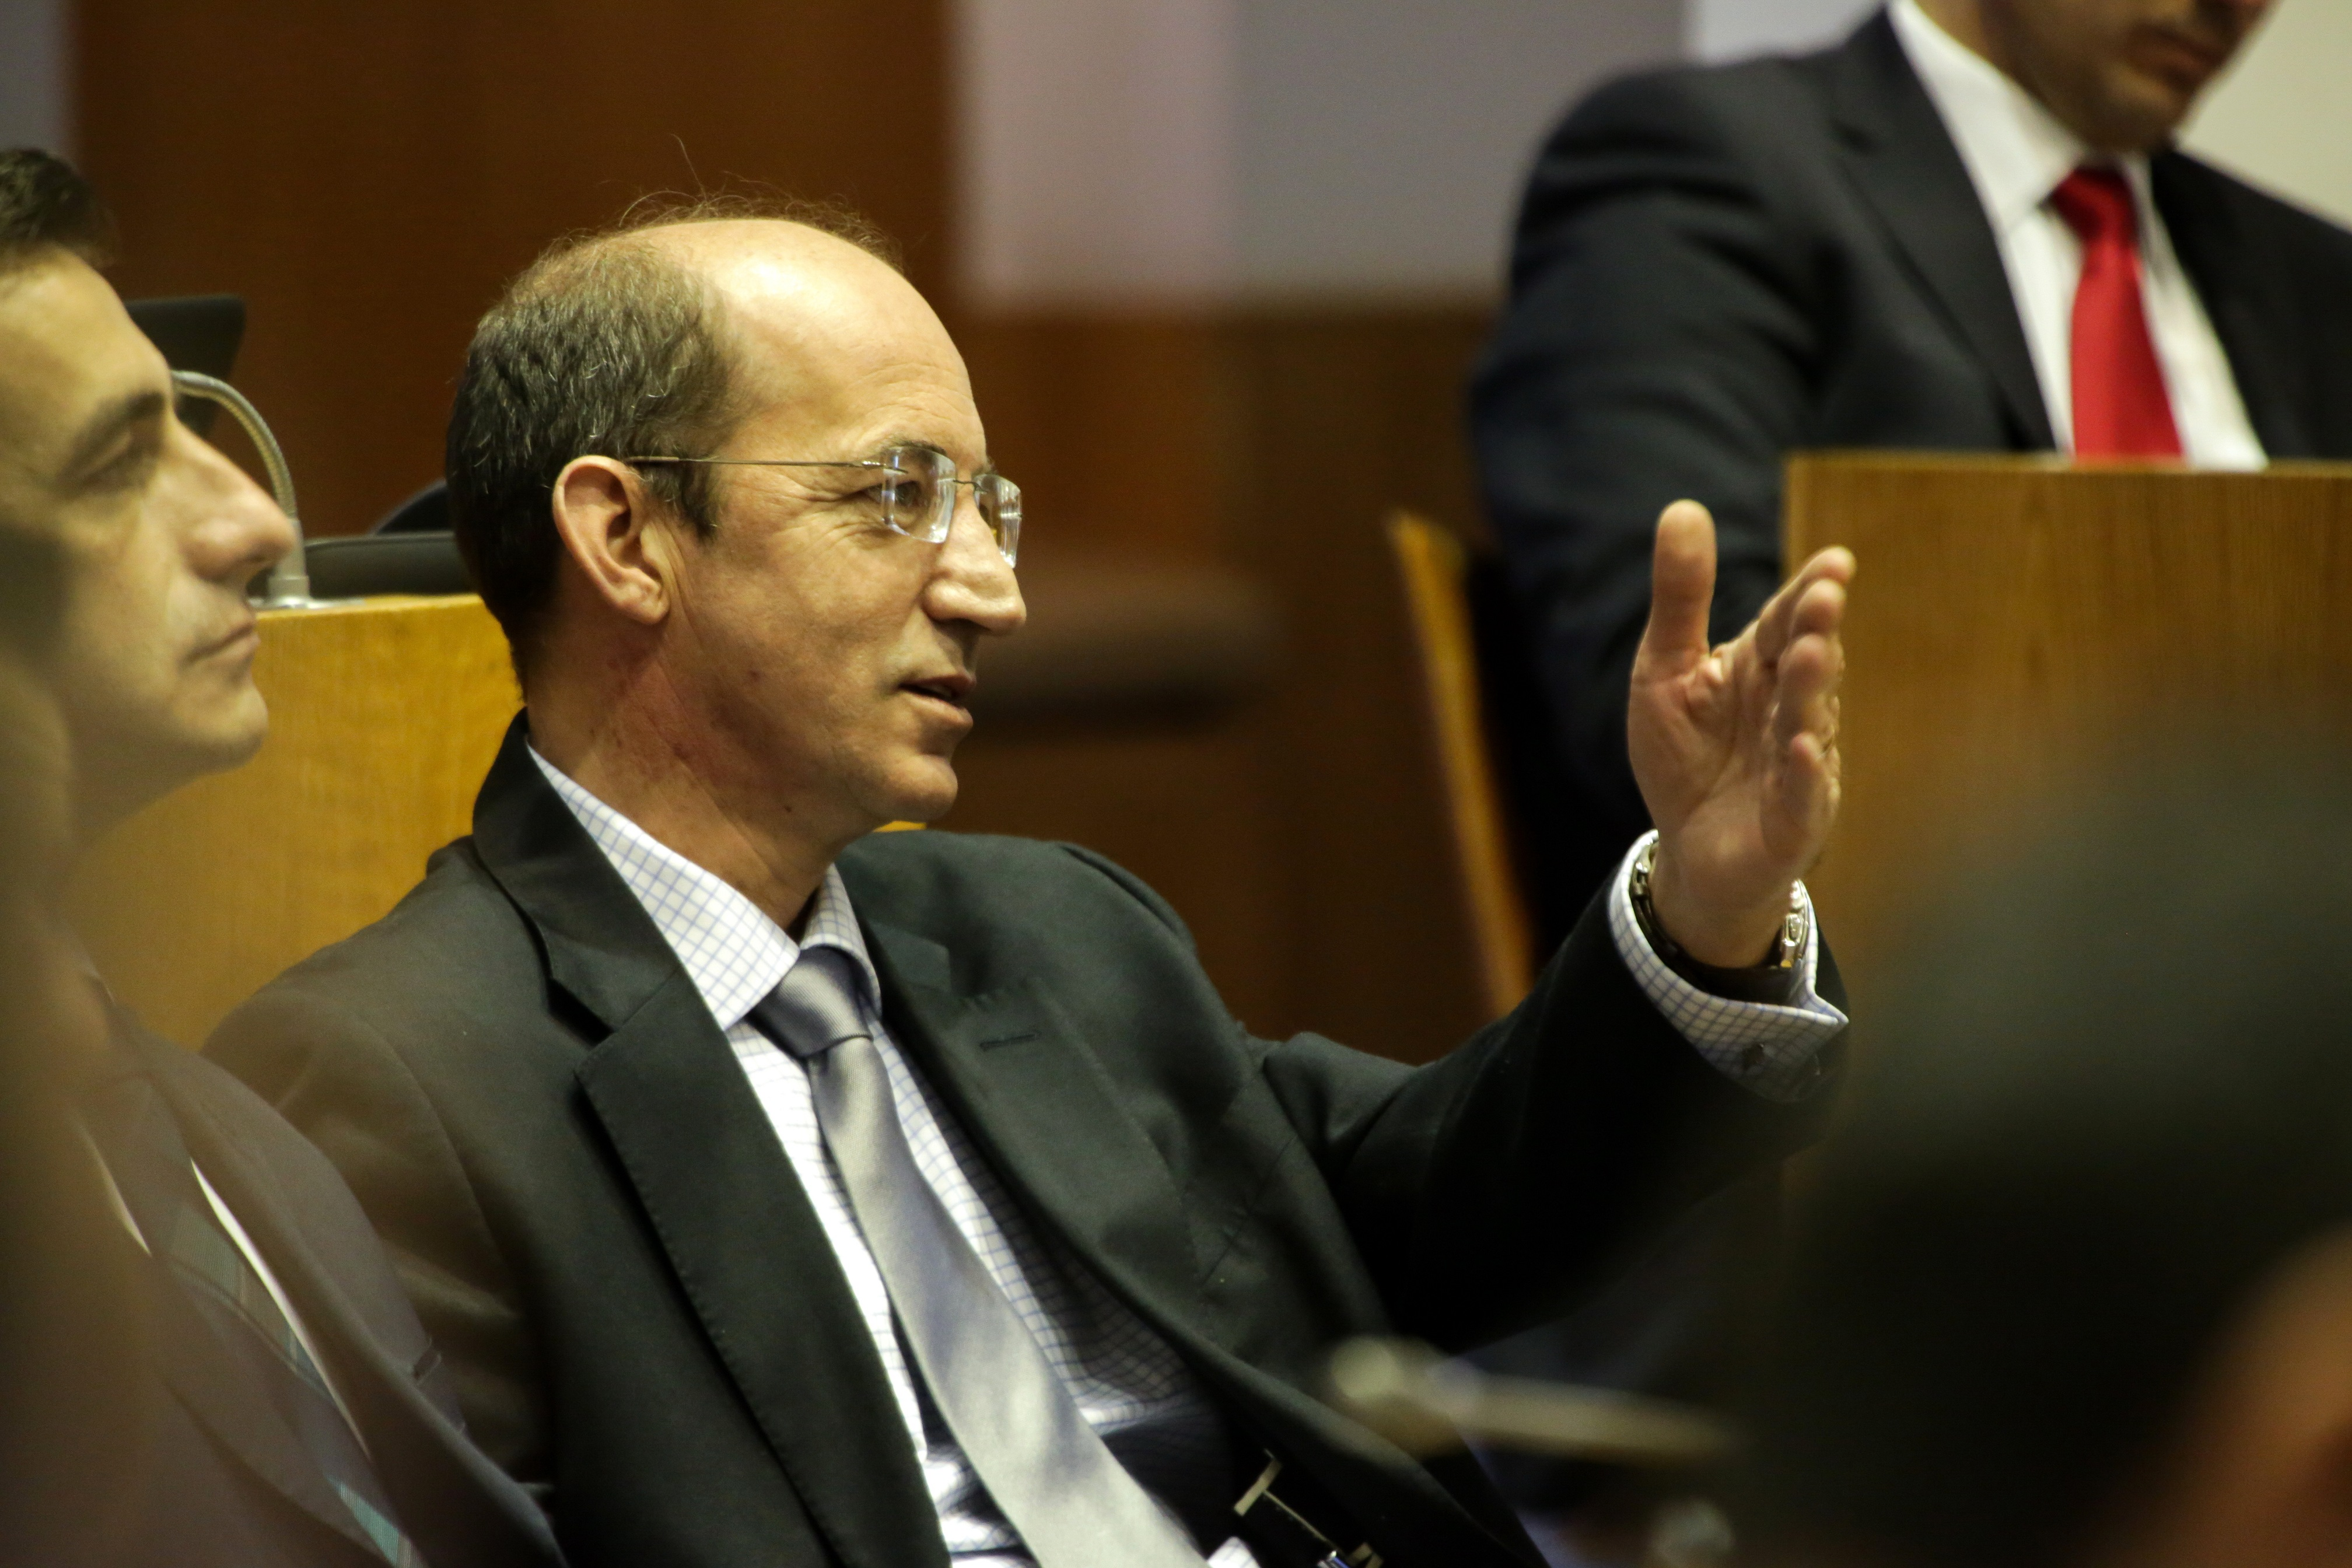 Governo Regional esconde informação aos deputados da oposição, acusa PSD Açores